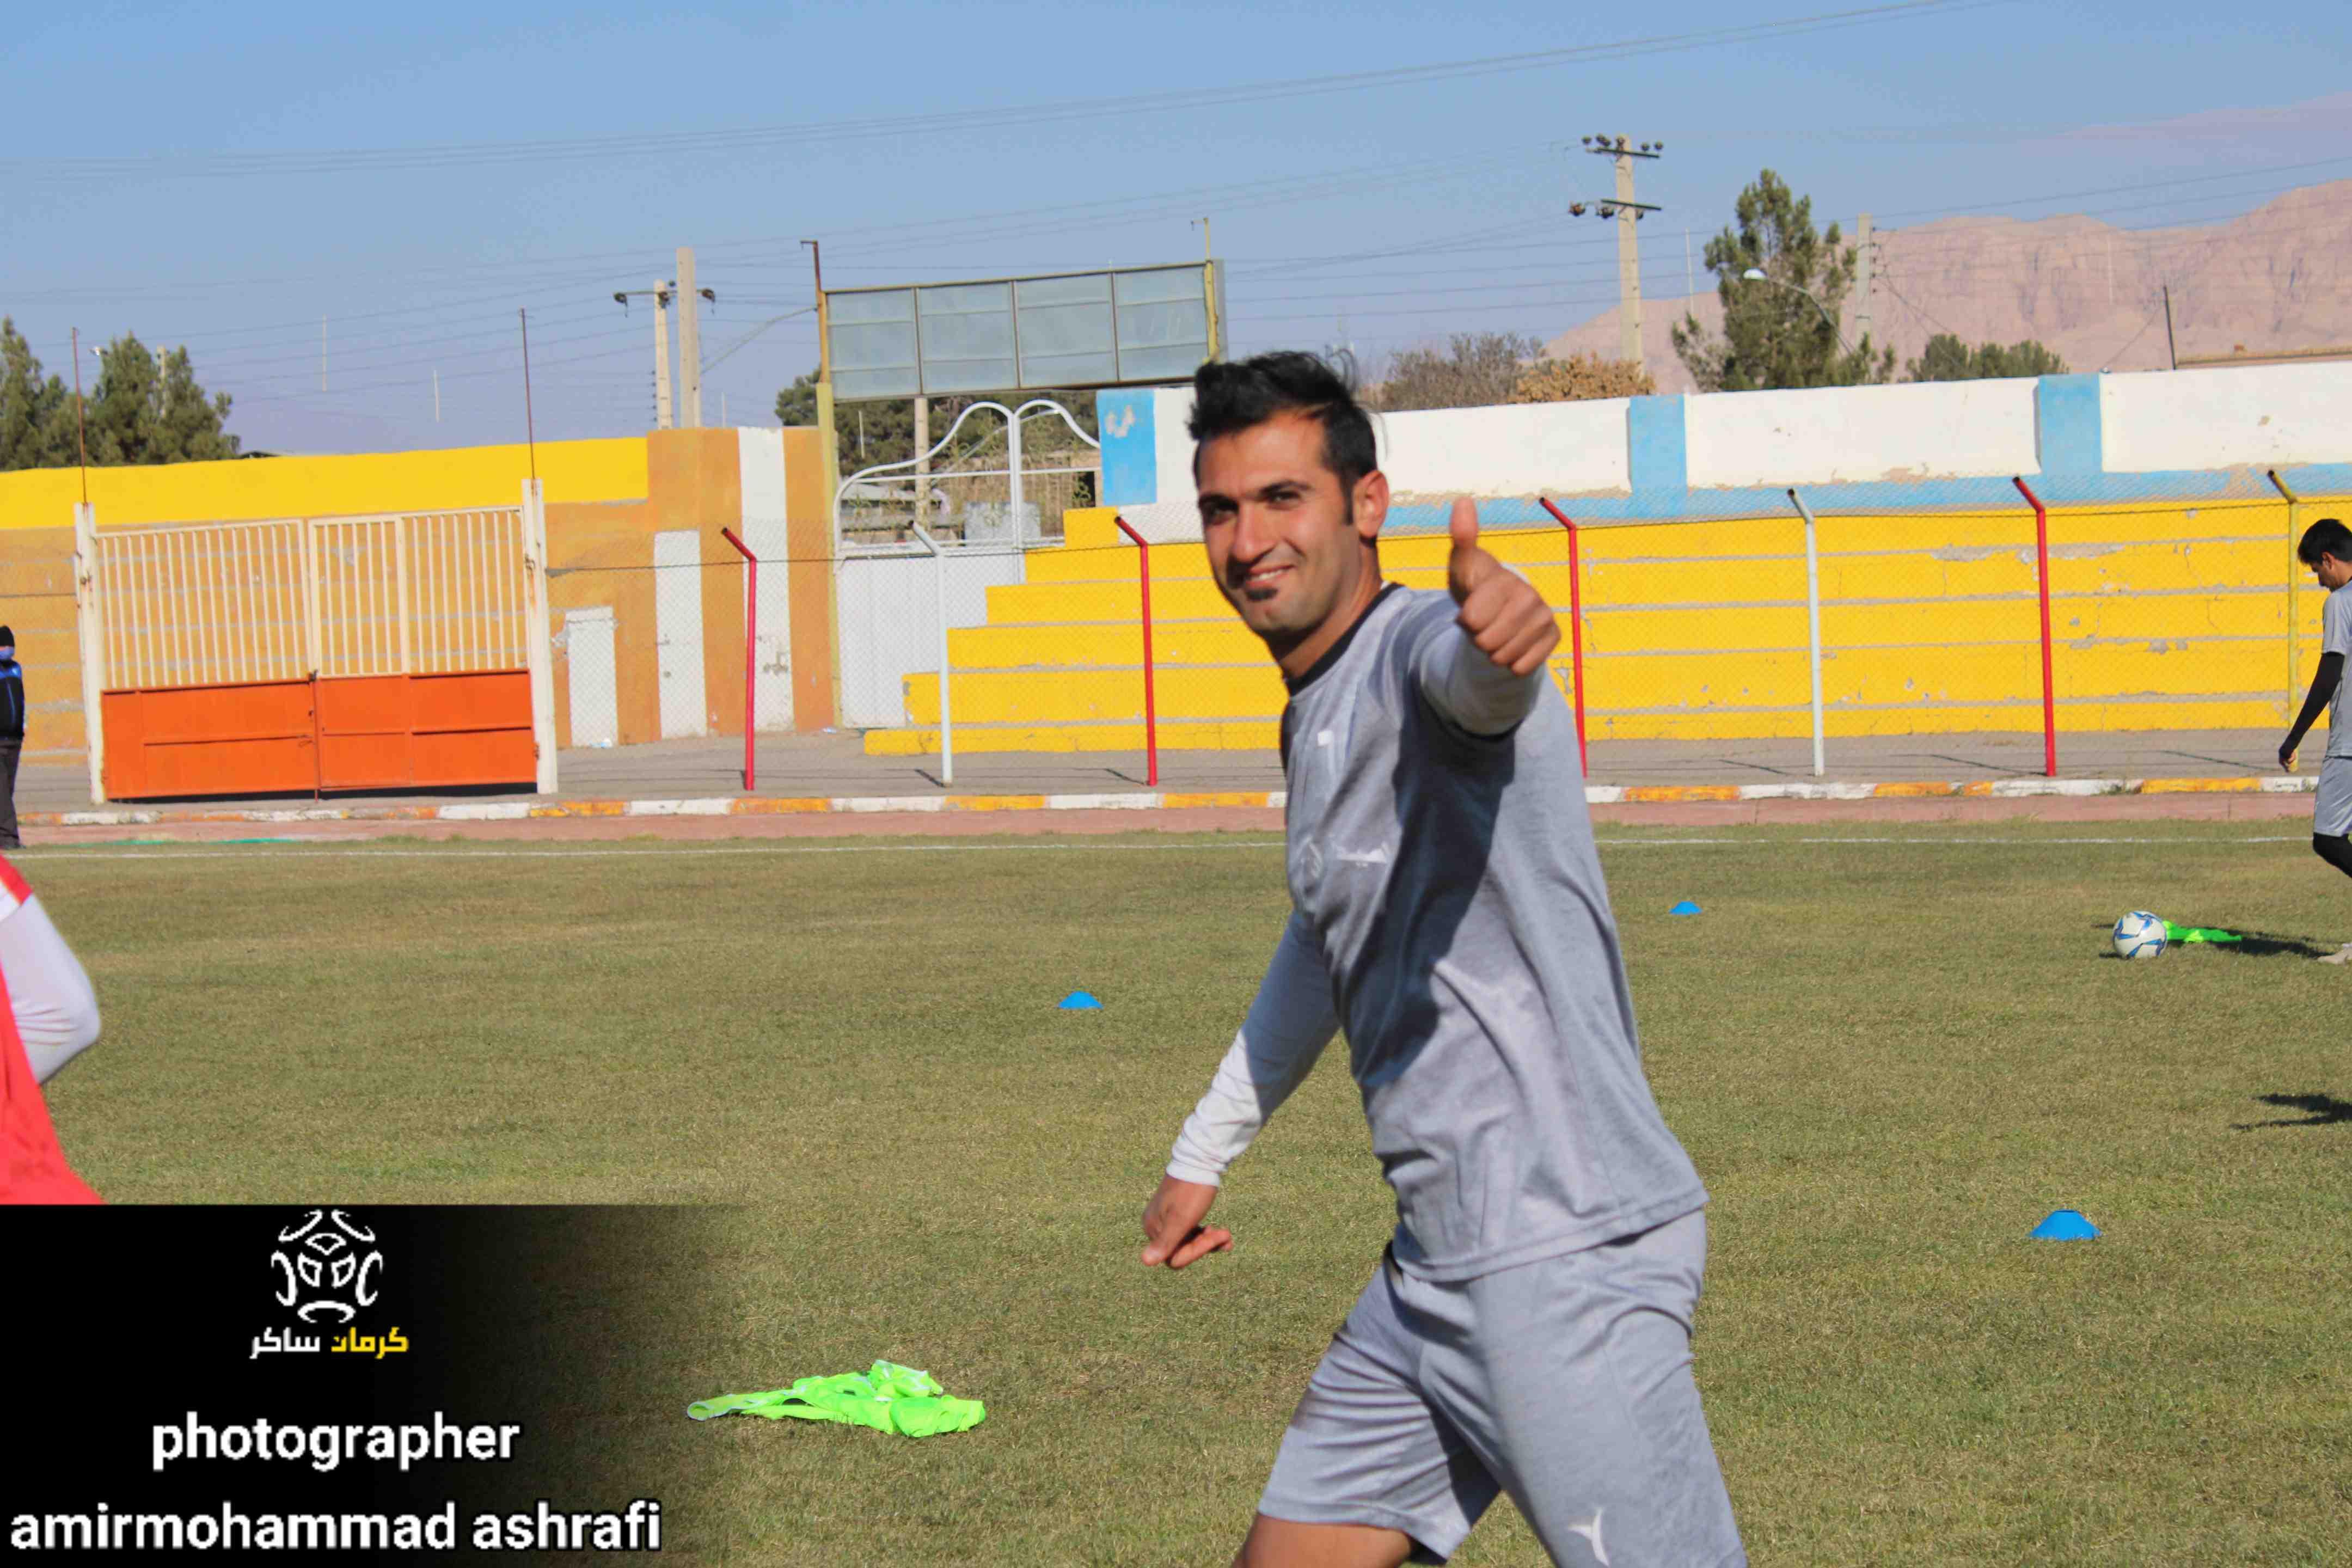 گزارش تصویری / آخرین تمرین تیم فوتبال مشیز کرمان پیش از دیدار نخست خود در لیگ دسته سوم از دریچه دوربین امیرمحمد اشرفی